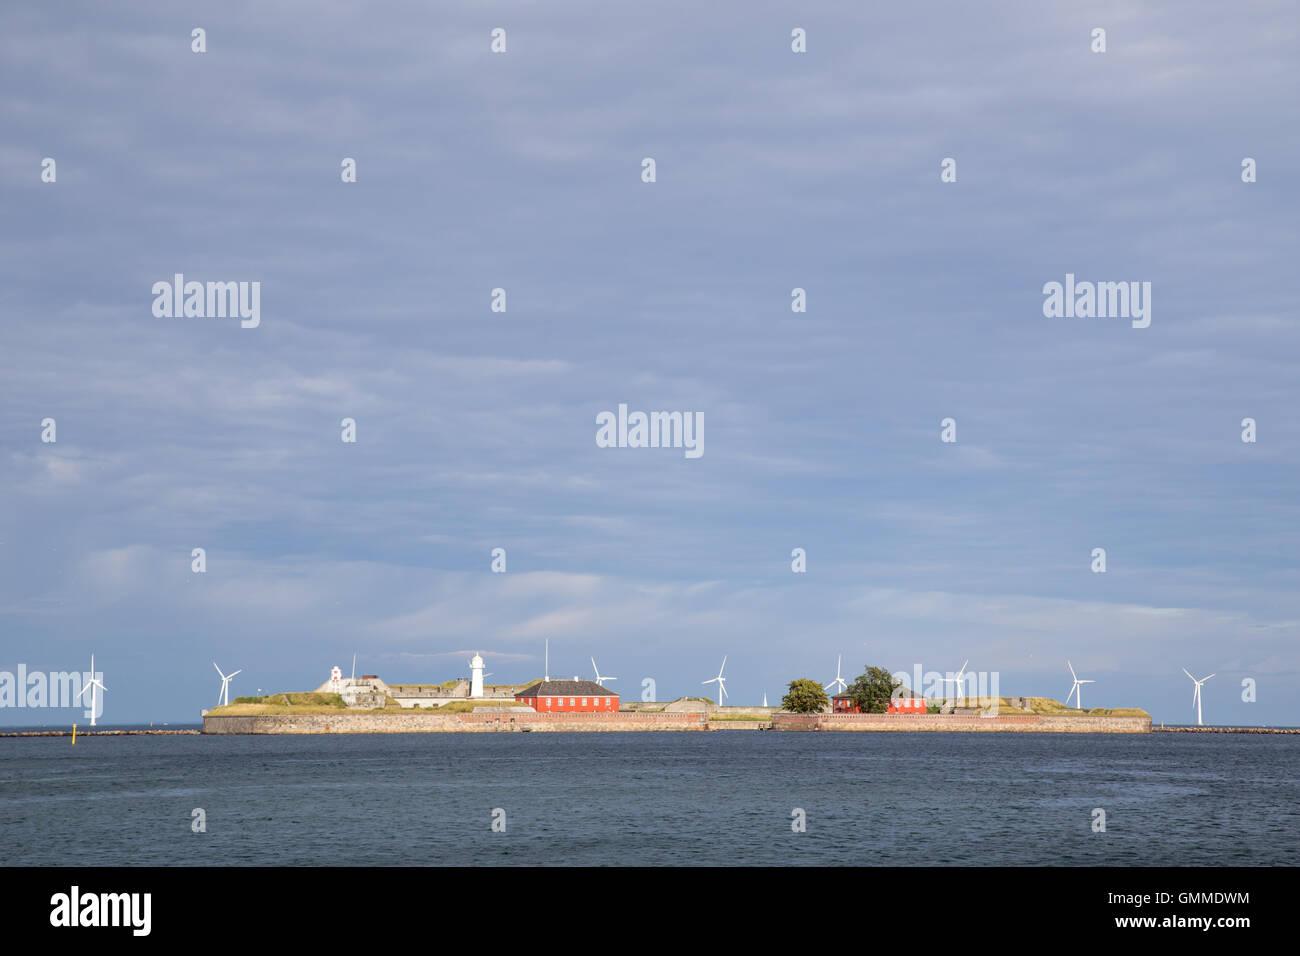 Copenhagen, Denmark - August 17, 2016: View of Trekroner fort at the entrance of Copenhagen harbour Stock Photo